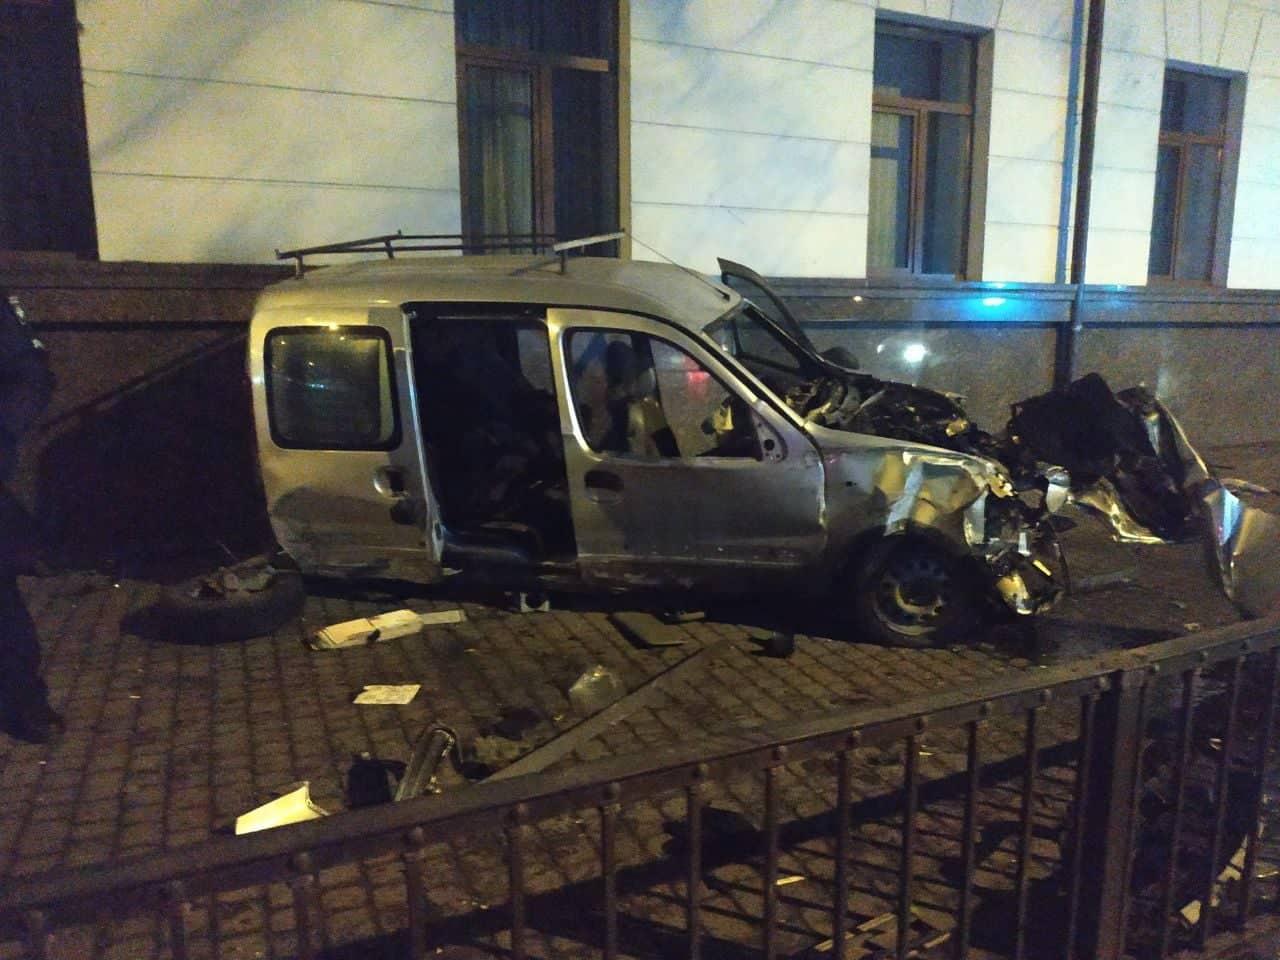 У ніч на вівторок, по вулиці Василіянок, авто повне нетверезих людей врізалося у духовну семінарію. Всіх пасажирів та нетверезого водія госпіталізовано (фотофакт)